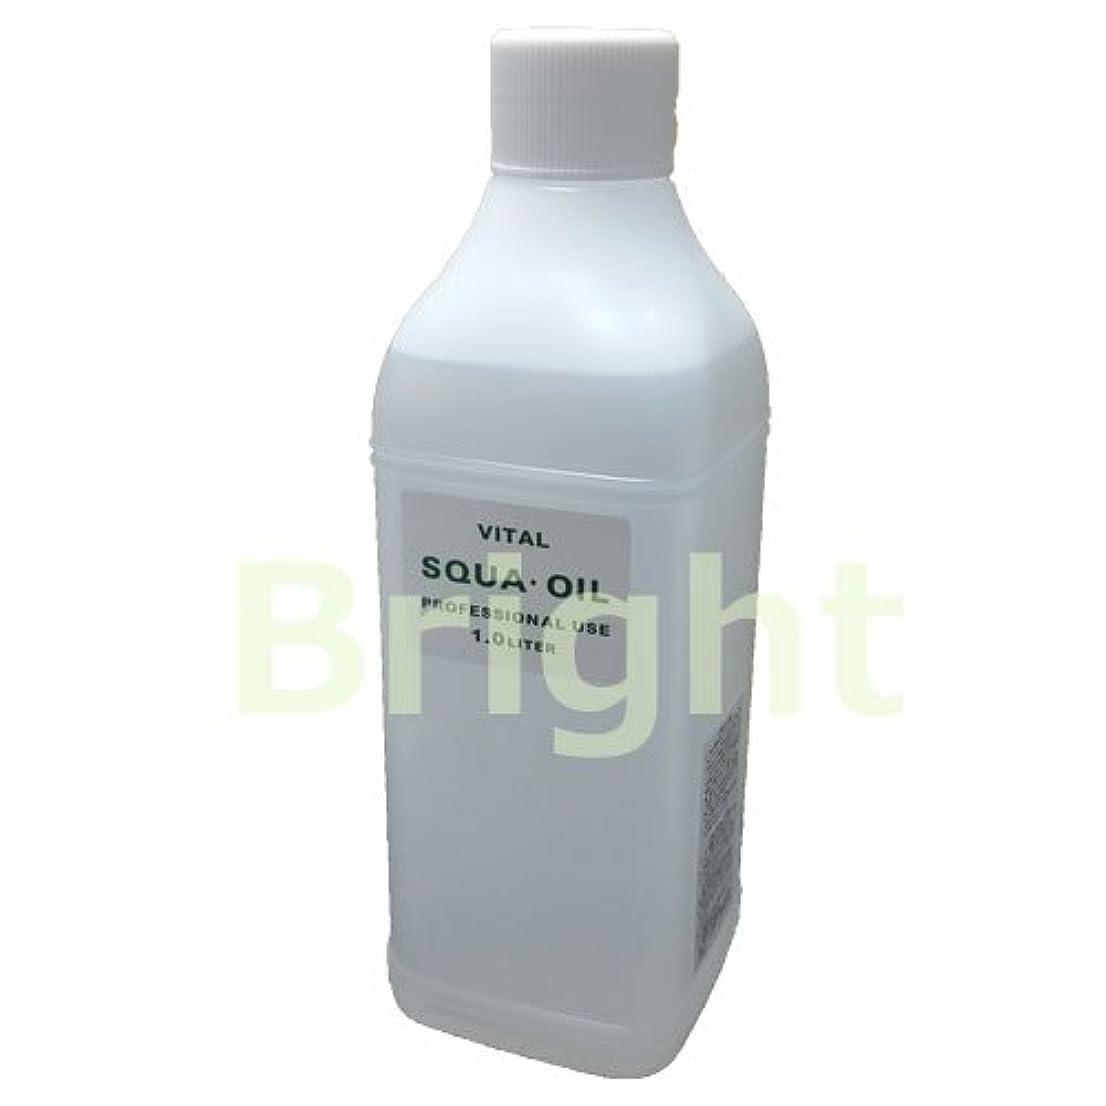 尊敬するインポート従者バイタルワークス スクアオイル 1000cc (マッサージ用化粧油) ジャパンバイタル